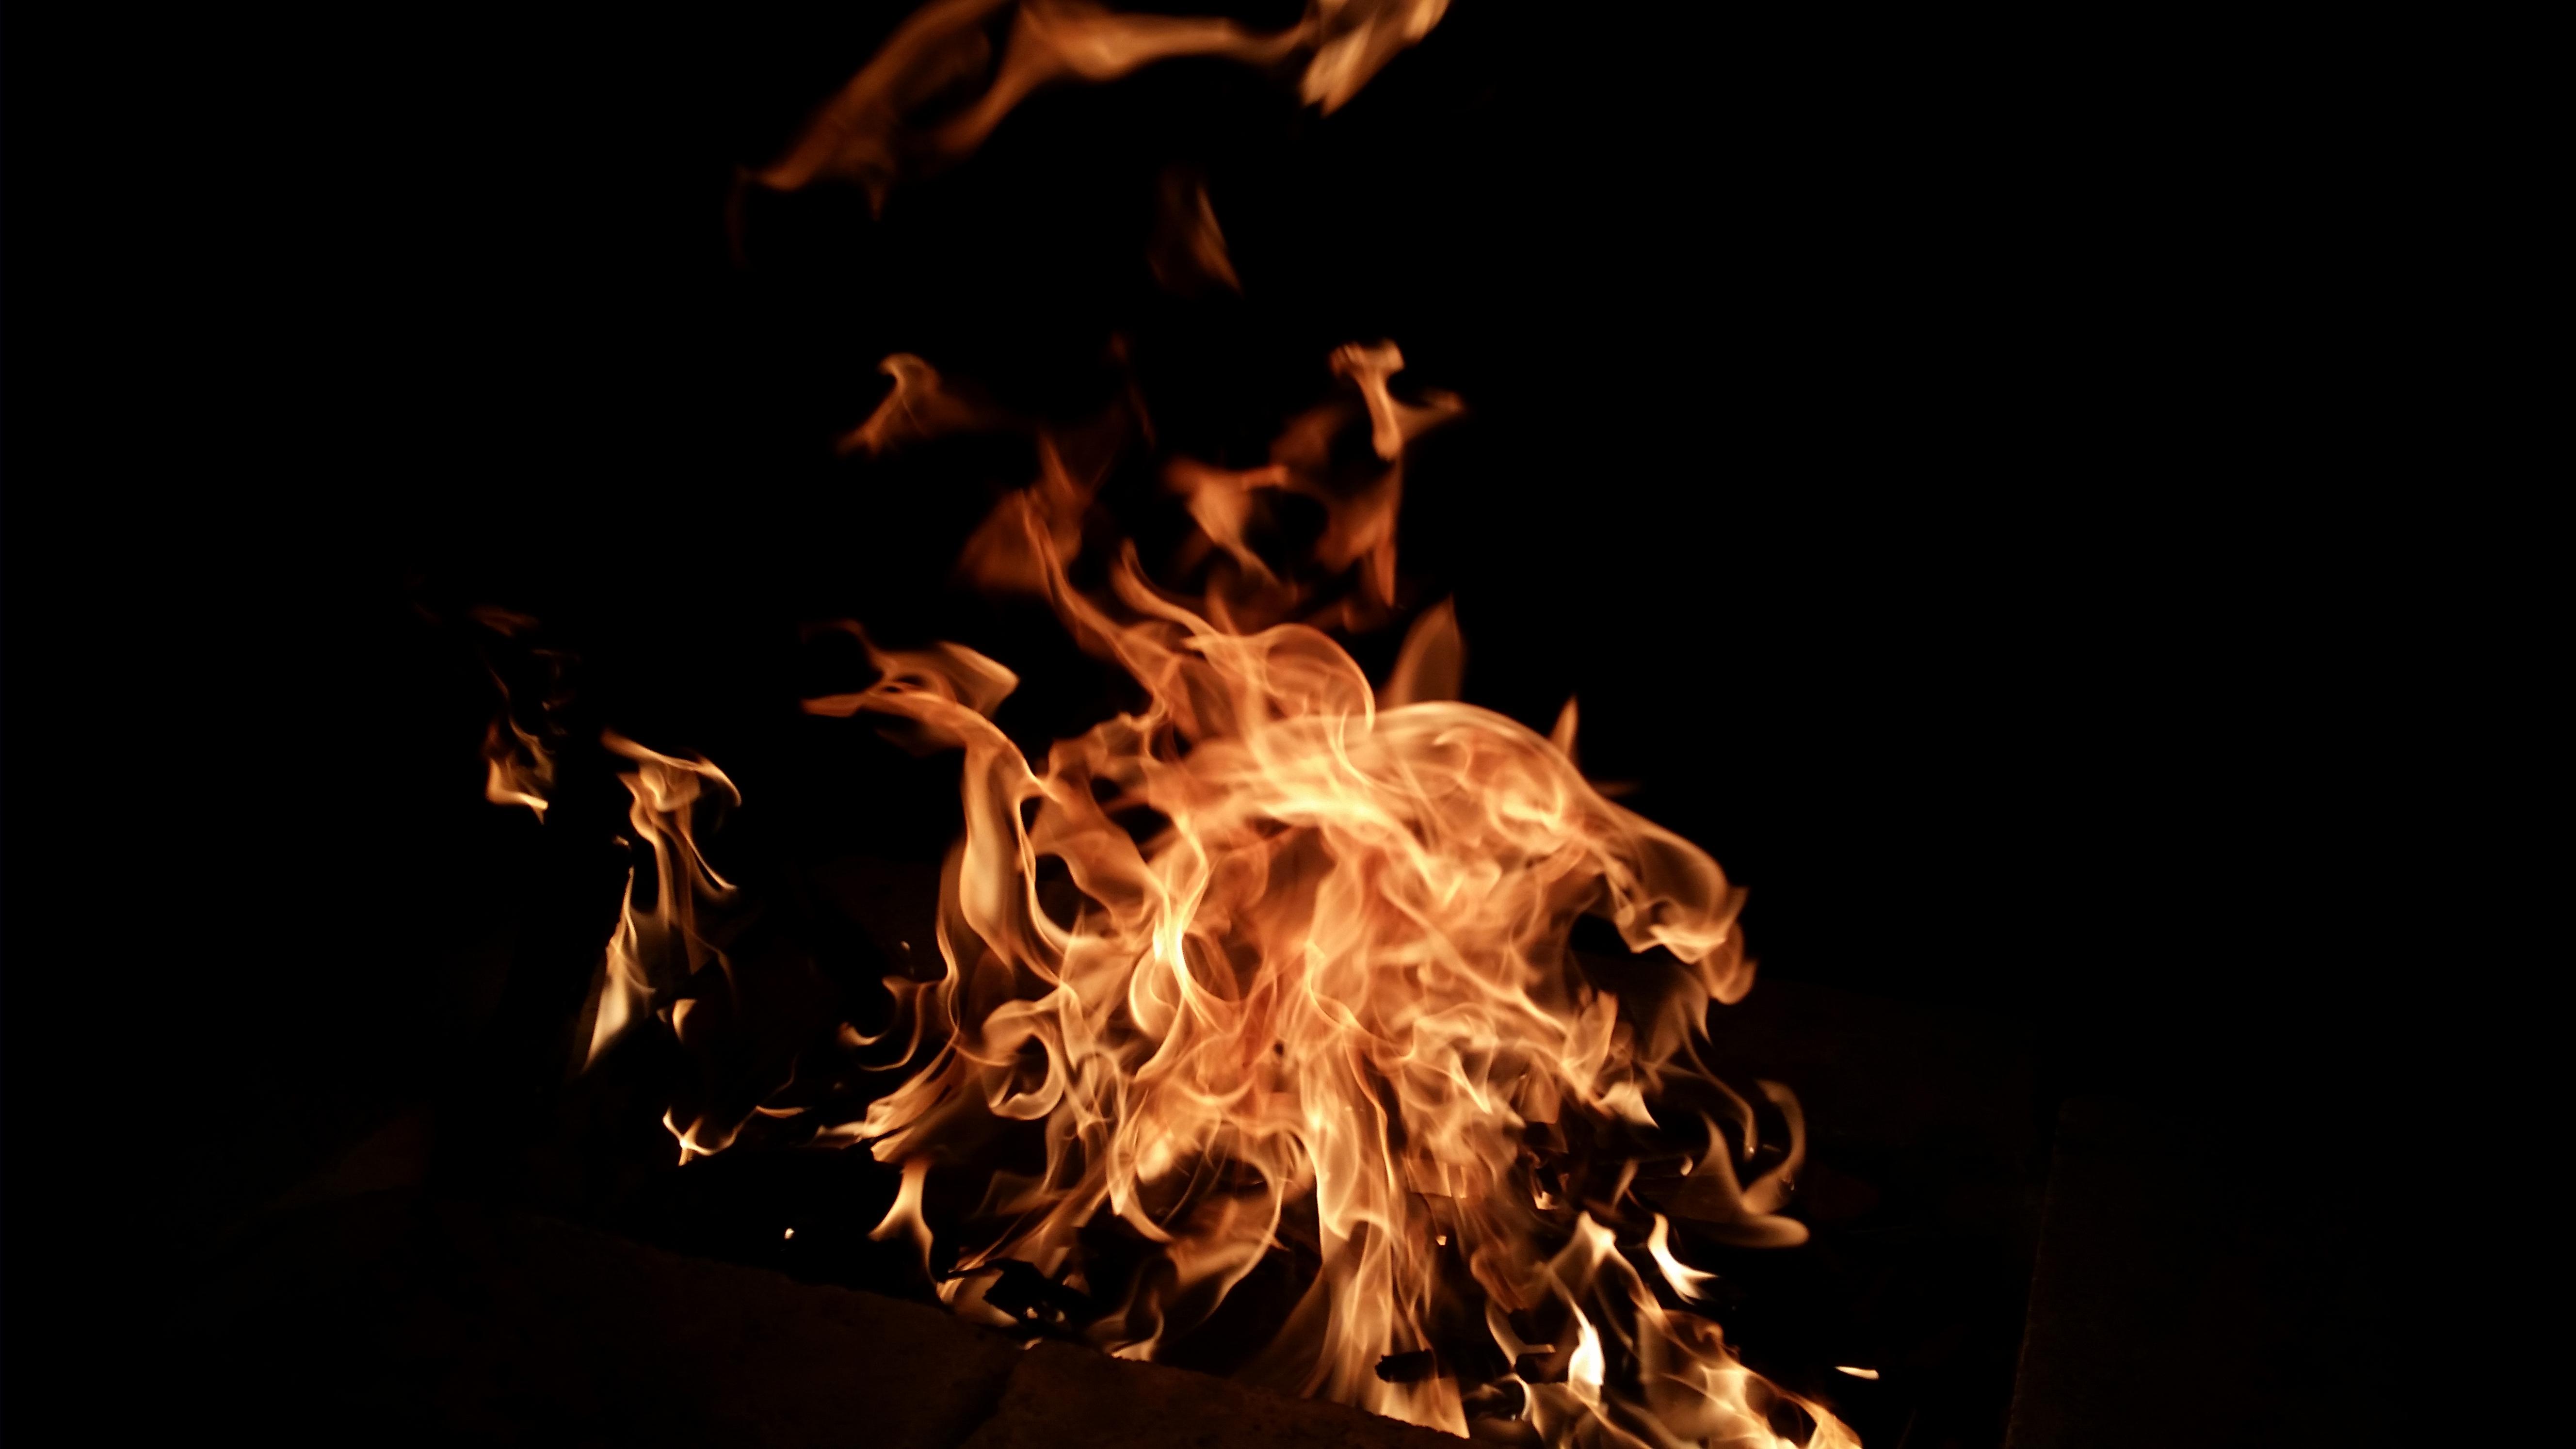 того, девушка картинка всполохи огня сужений чередуются